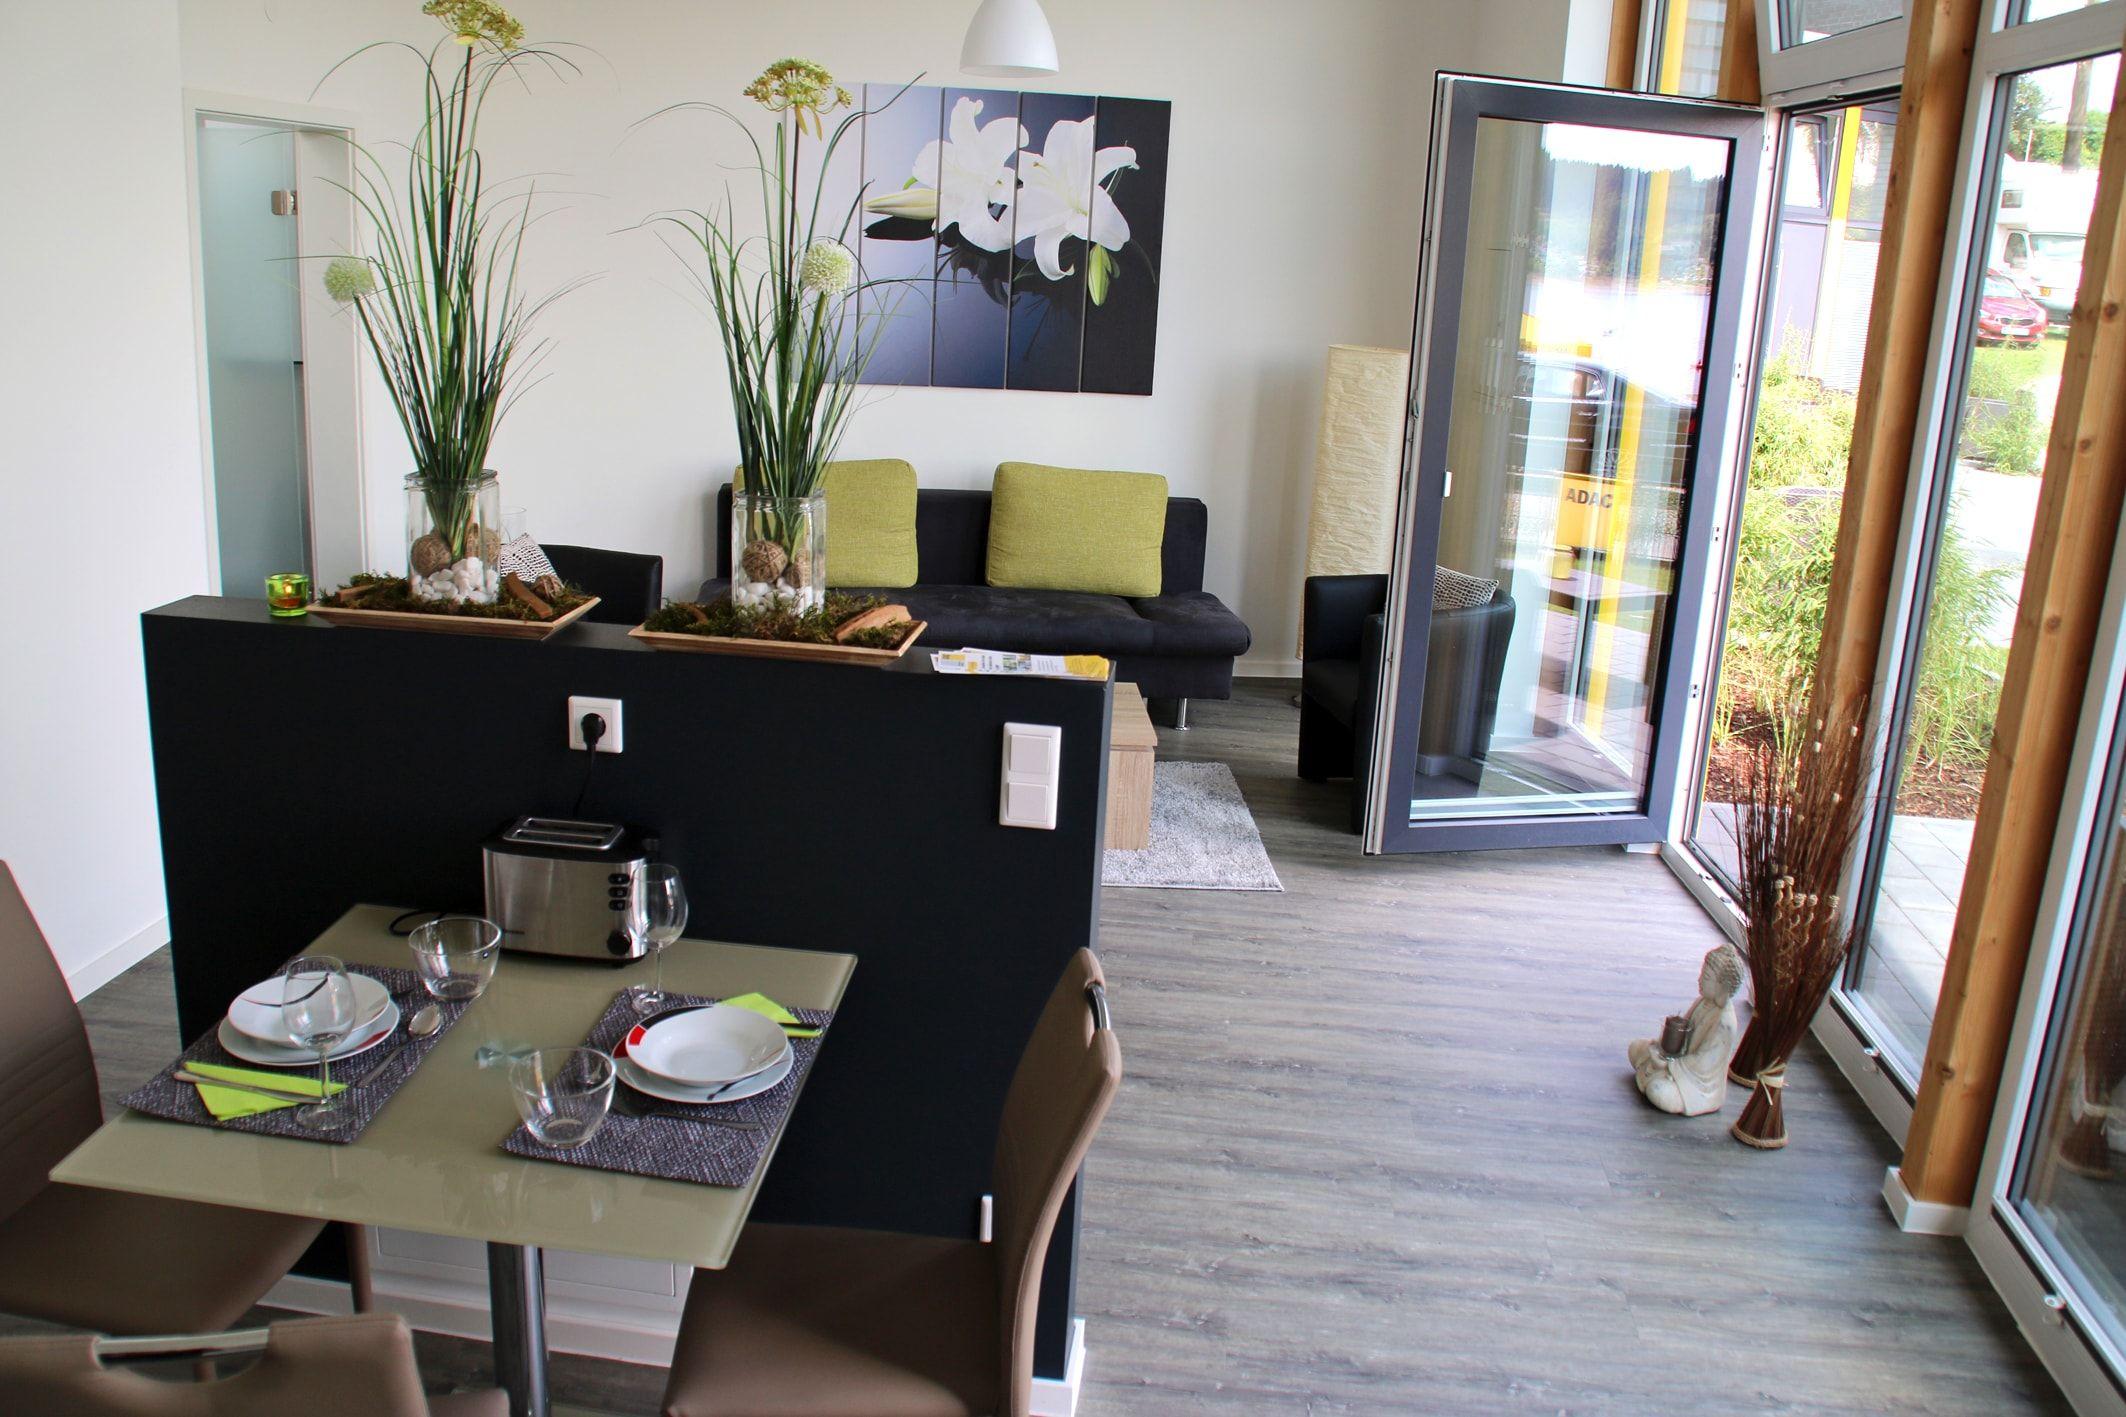 ADAC-Ferienwohnung-Campingplatz-Möhnesee-Küche-2